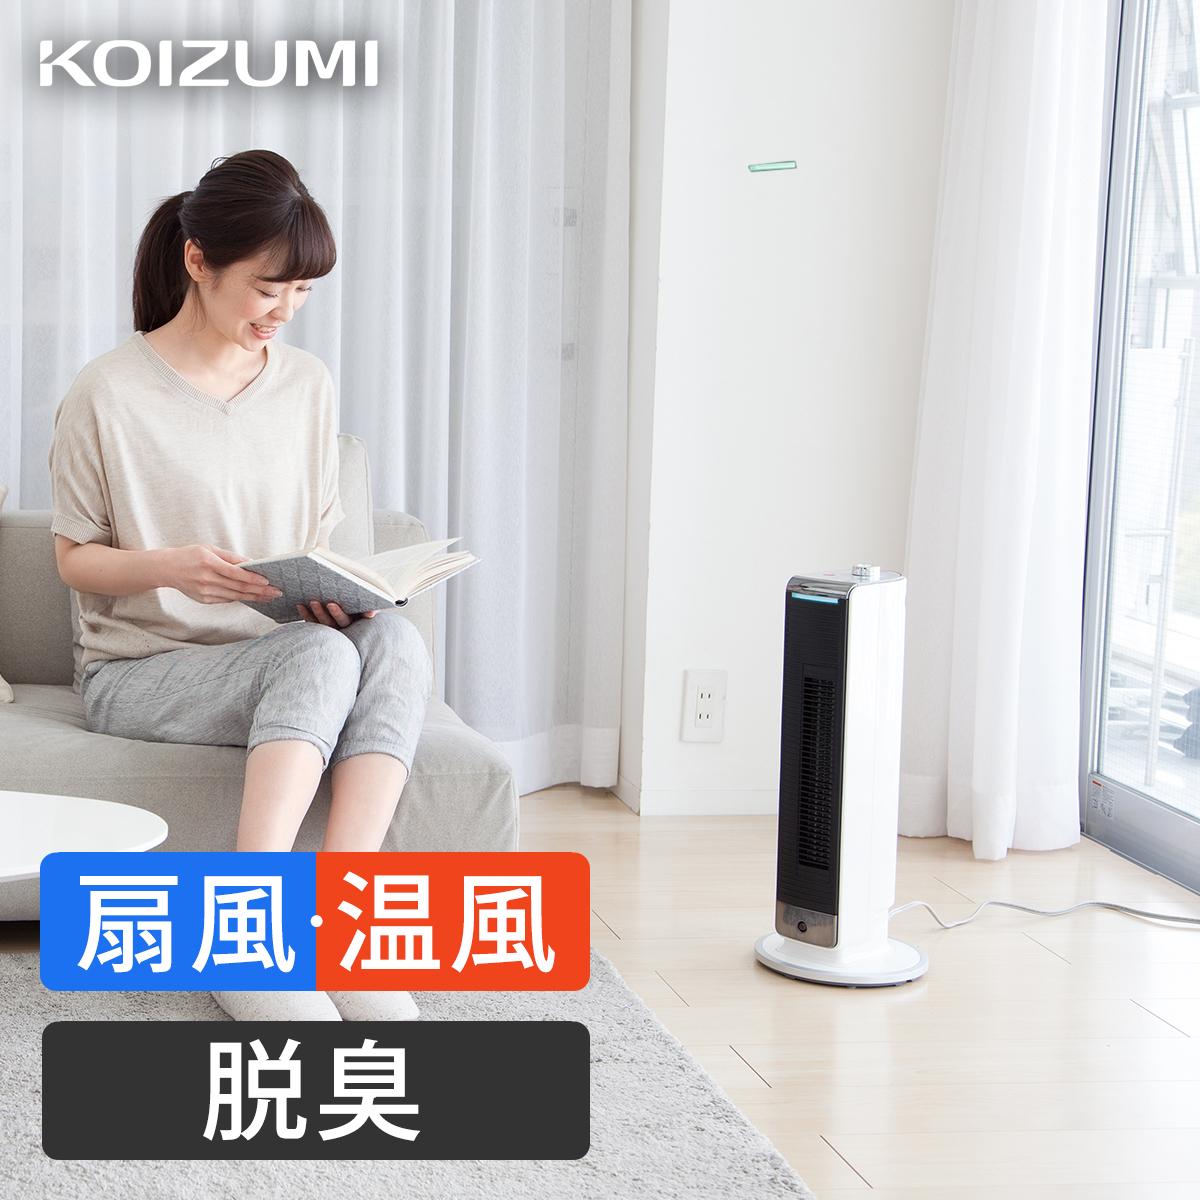 小型タイプのホットアンドクールファン コイズミ タワーファン 扇風機 リビング扇 温風 人気商品 送風 人感センサー タイマー 小型 2021年 小さい ホワイト KOIZUMI KHF0813W クール ホット ファンヒーター 夏物 テレビで話題